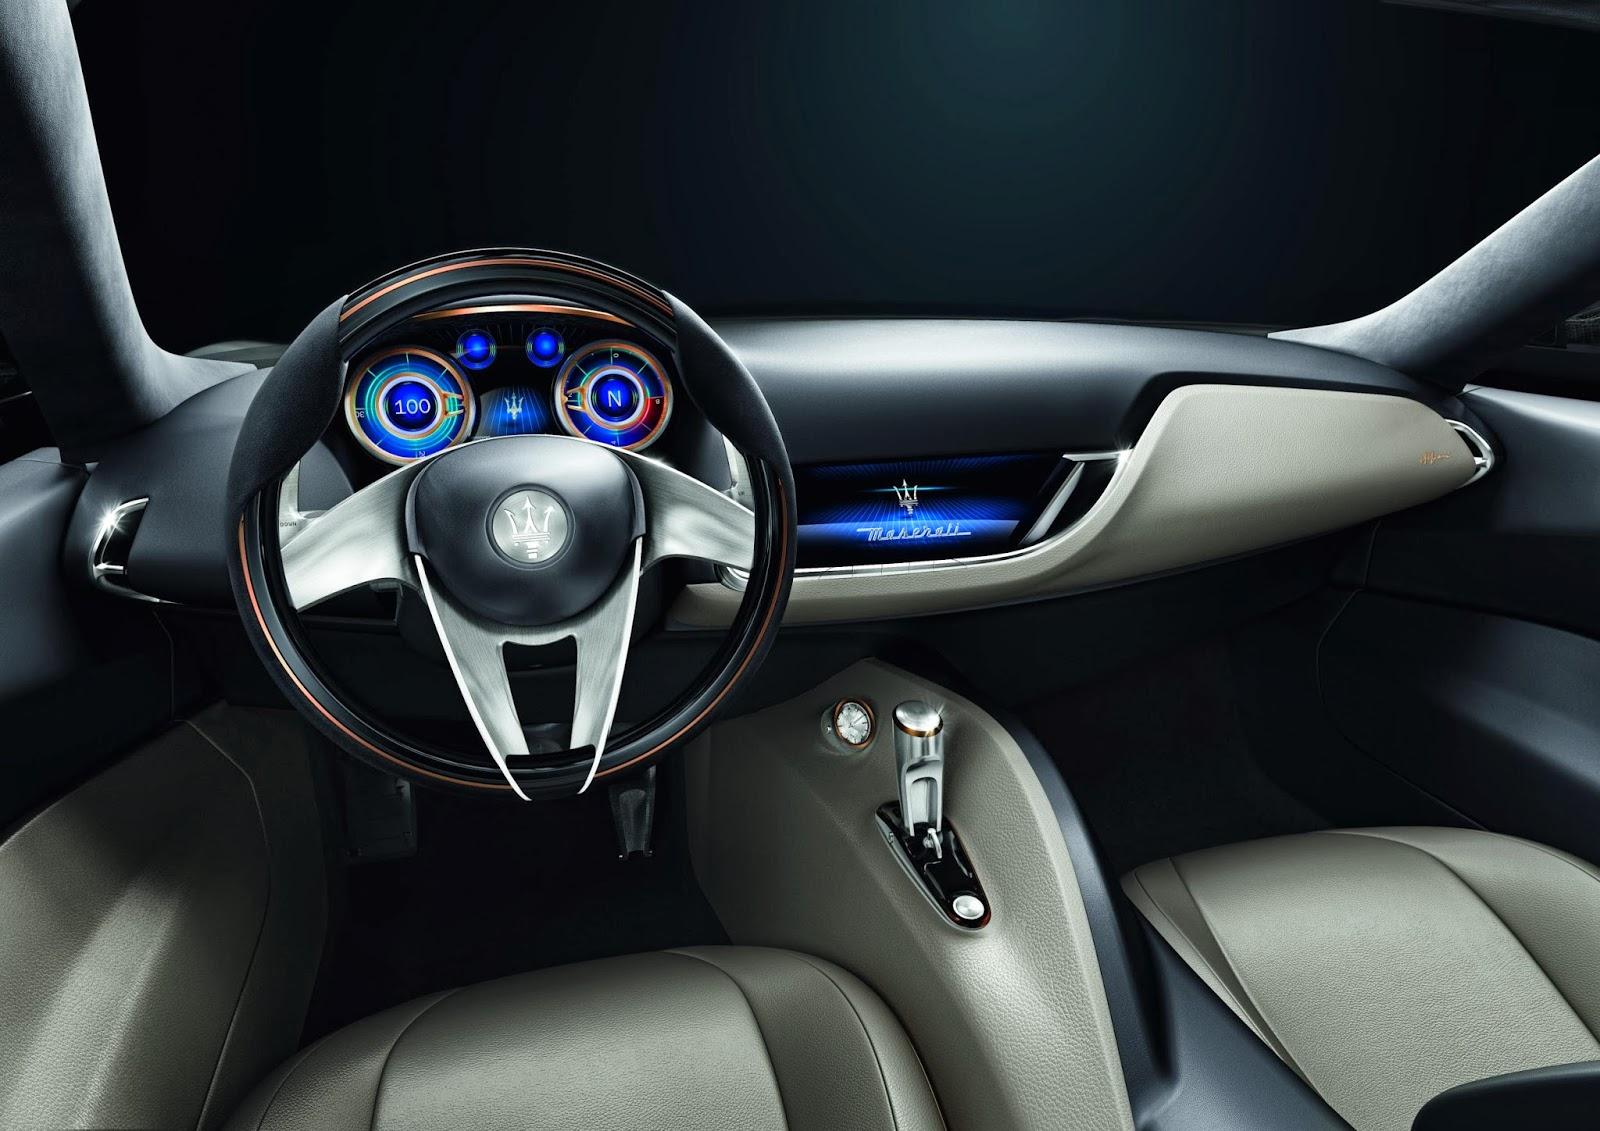 2014 Maserati Alfieri Concept interior